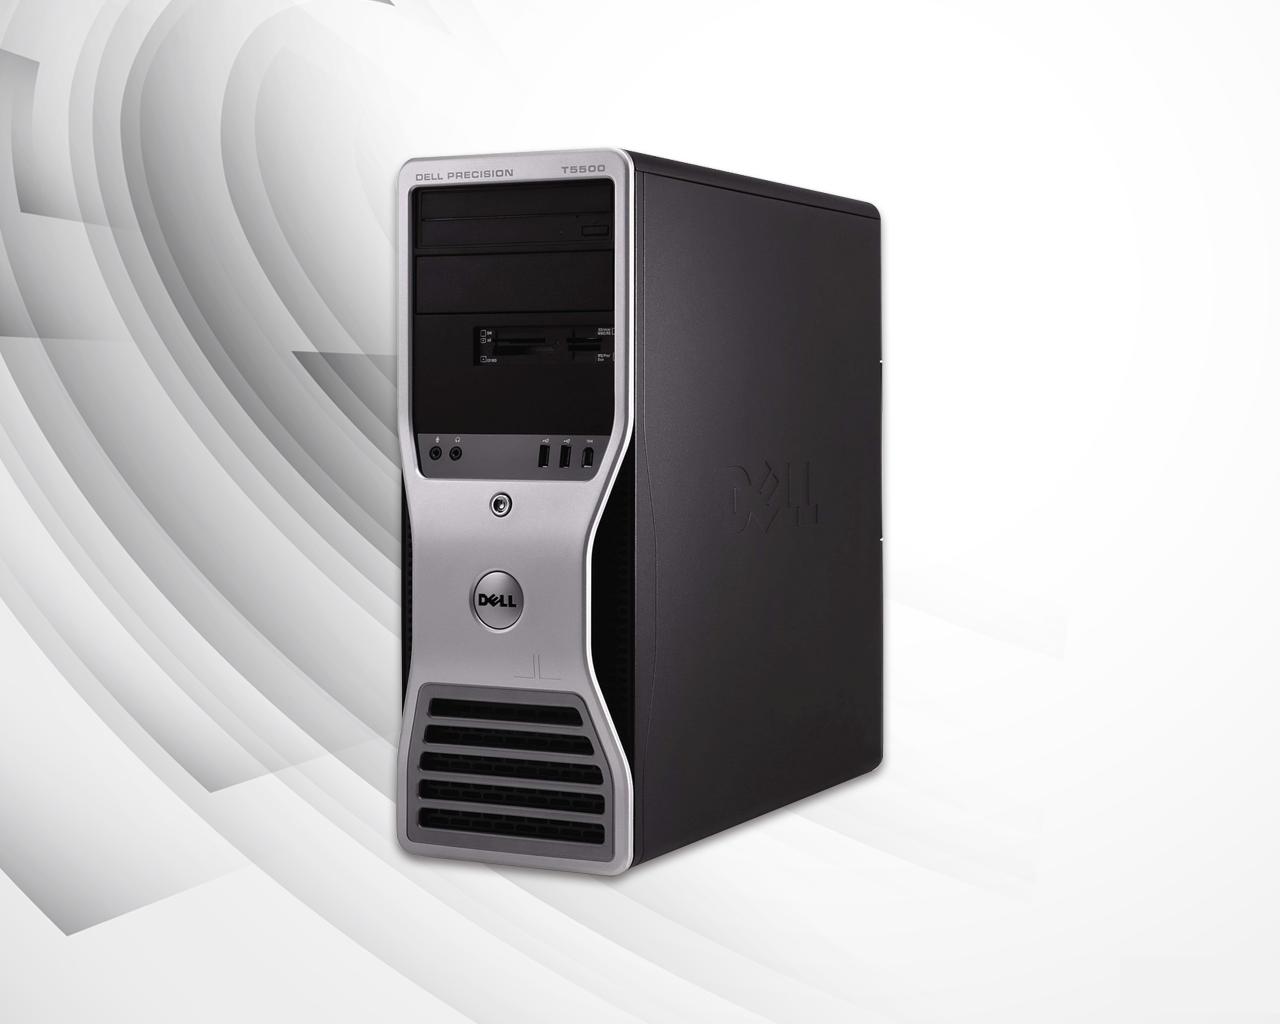 كيسة DELL T5500 وورك ستيشن بمعالج Xeon X5950 للألعاب العالية و البرامج الهندسية القوية